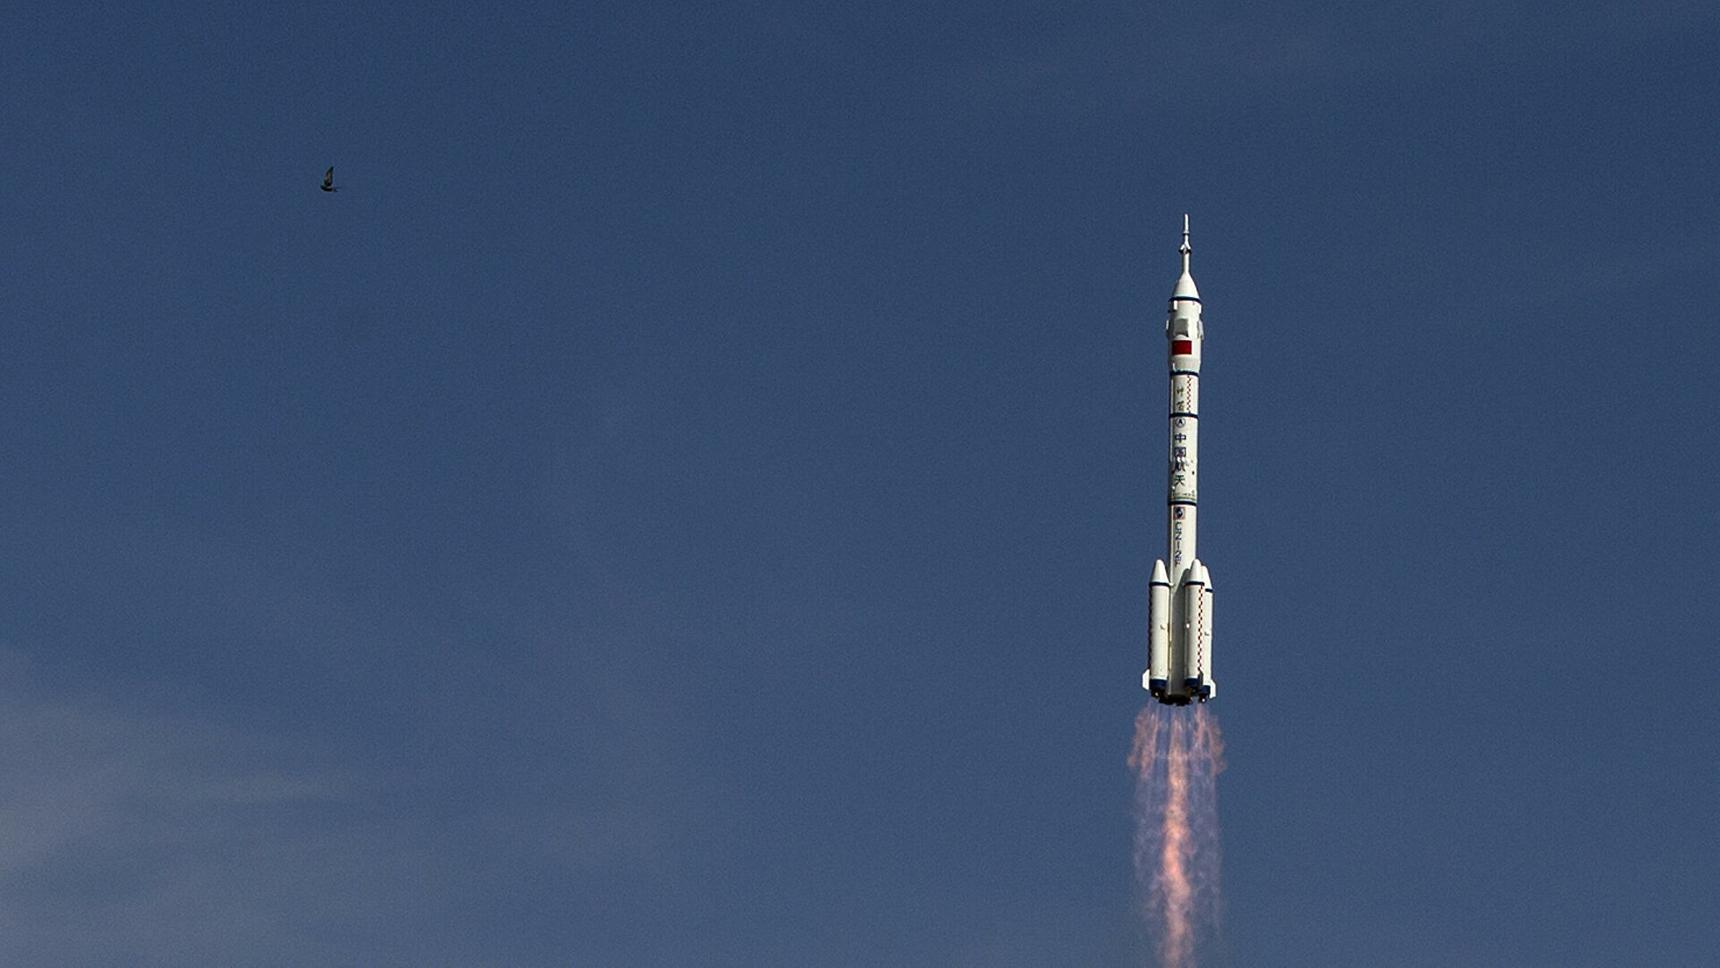 Китайский многоразовый орбитальный модуль успешно вернулся на Землю